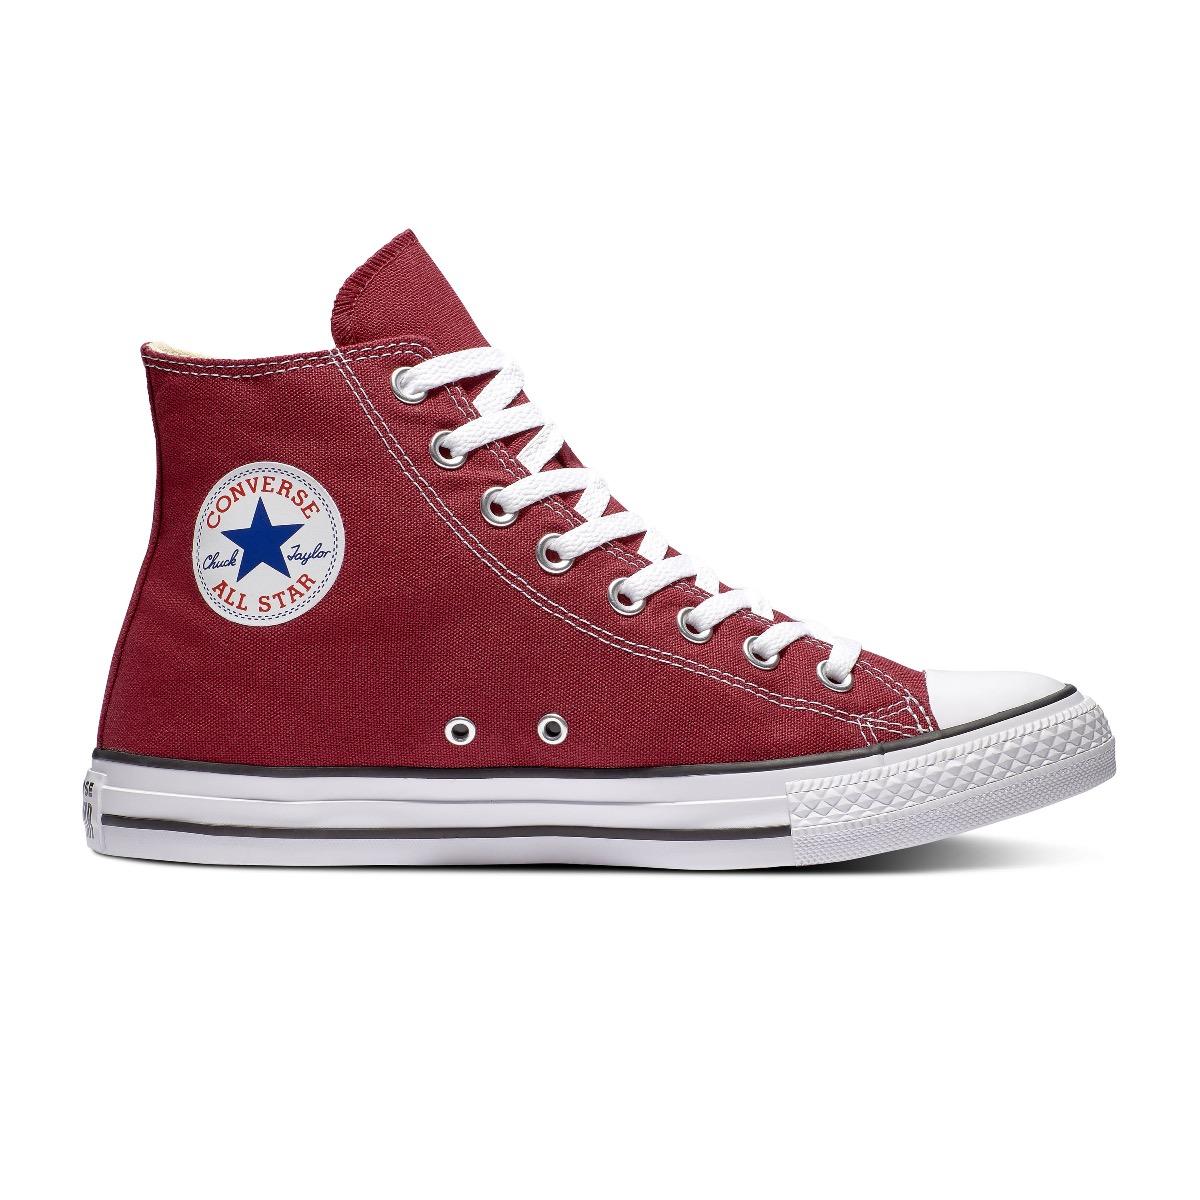 Converse All Stars Hoog Bordeaux Rood maat 37